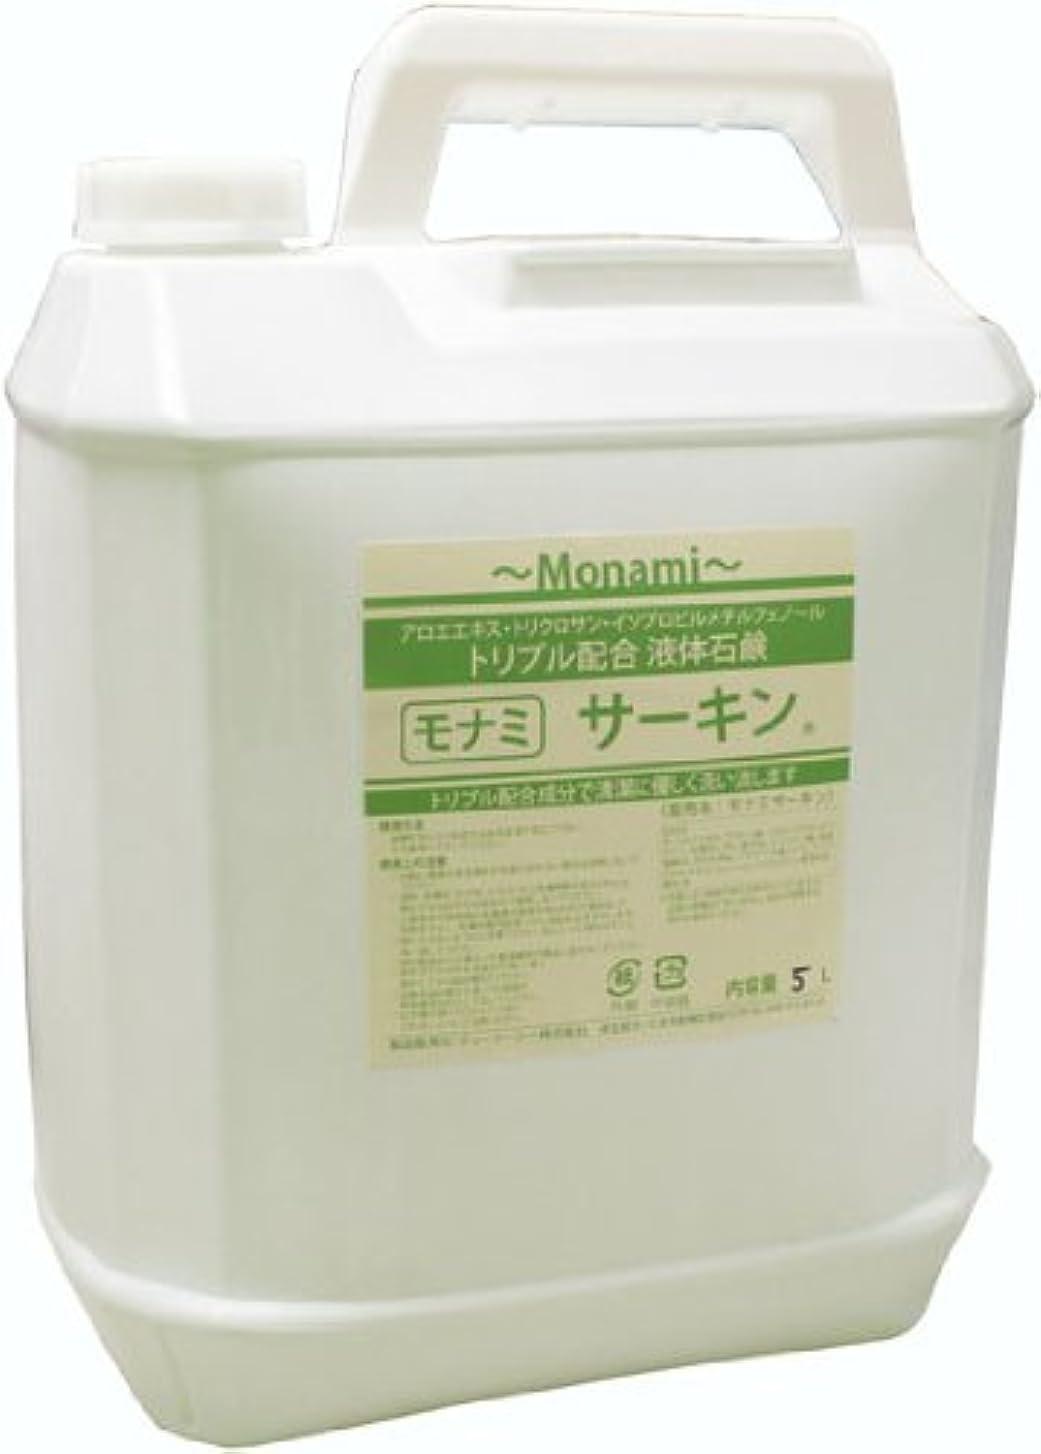 ハシー言い換えると両方保湿剤配合業務用液体ソープ「モナミ サーキン5L」アロエエキス、トリクロサン、イソプロピルメチルフェノール配合